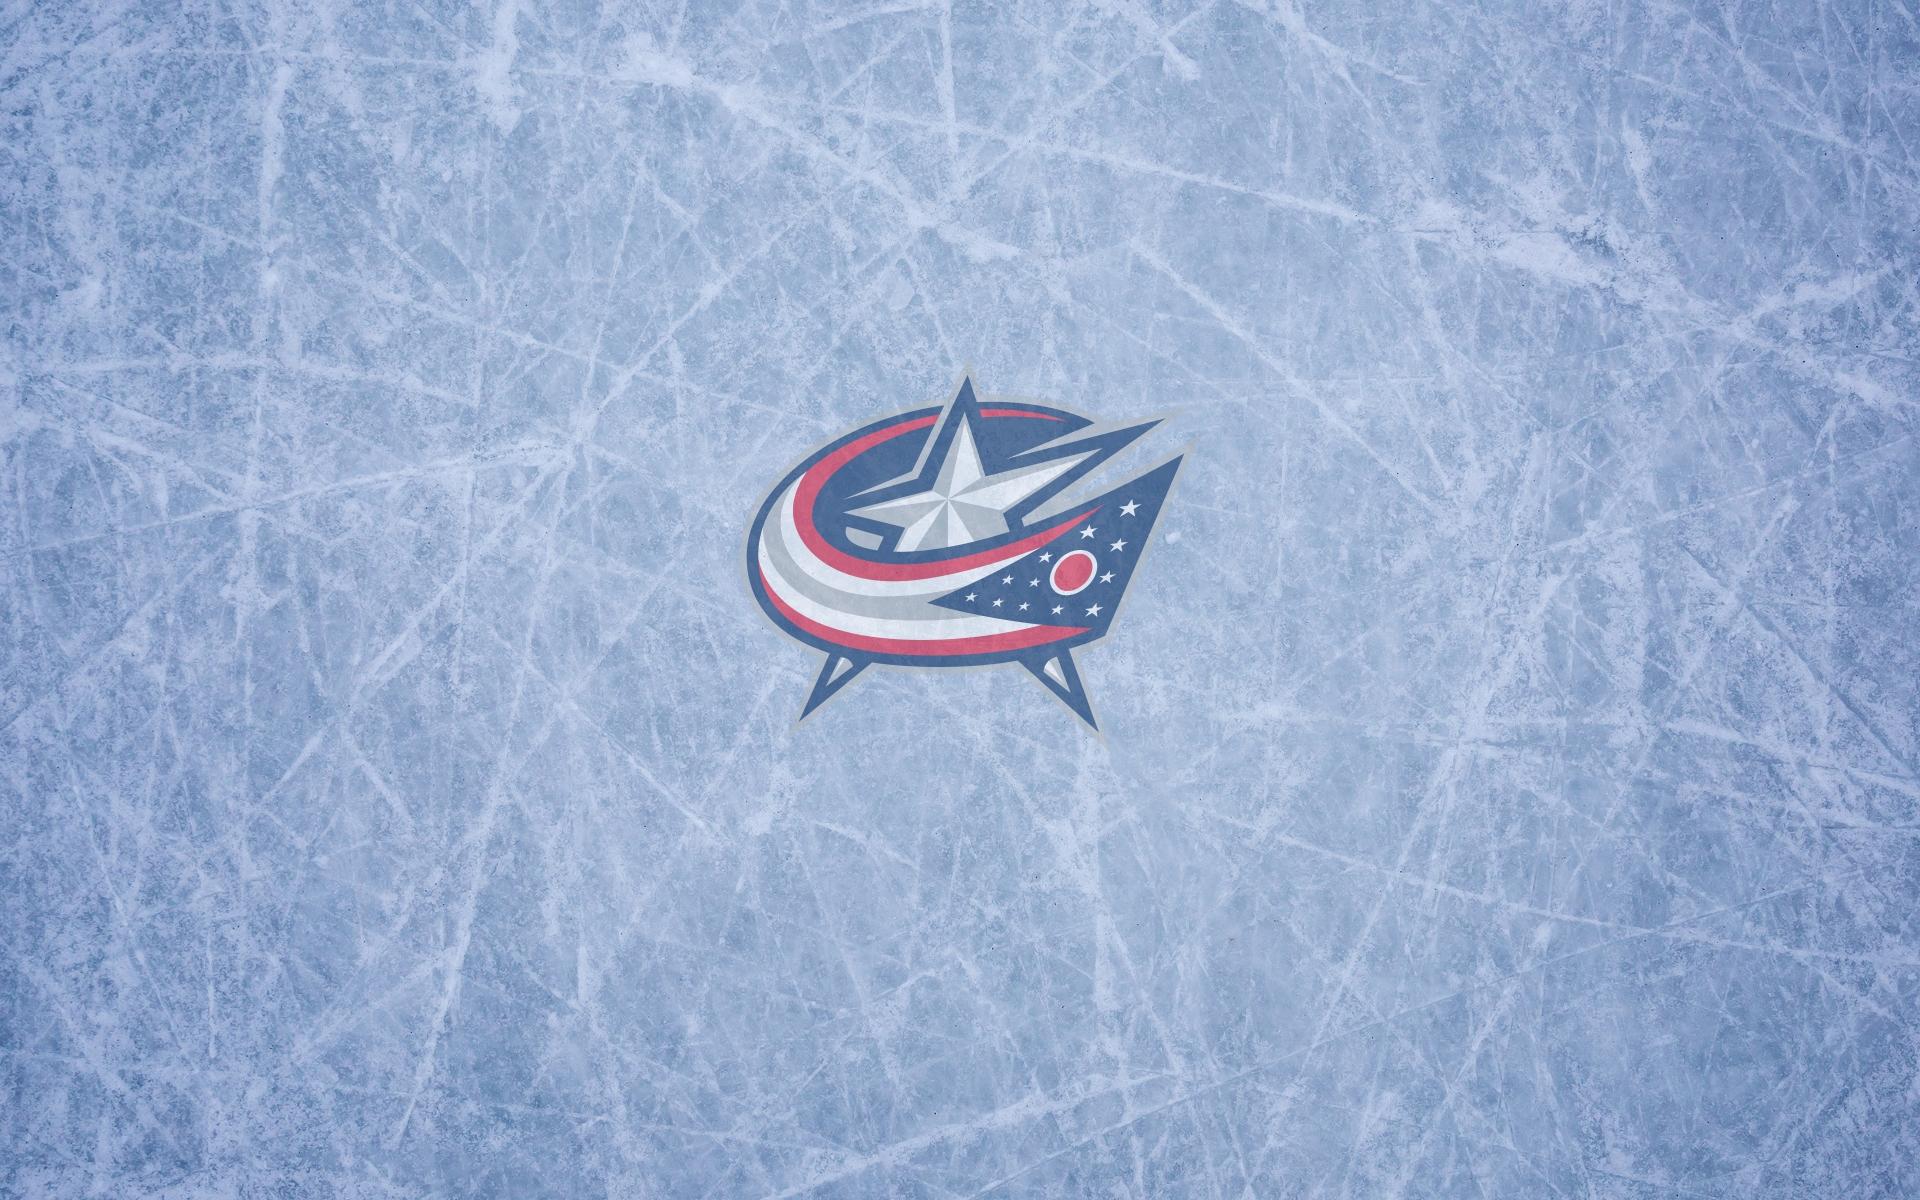 Columbus Blue Jackets Logos Download